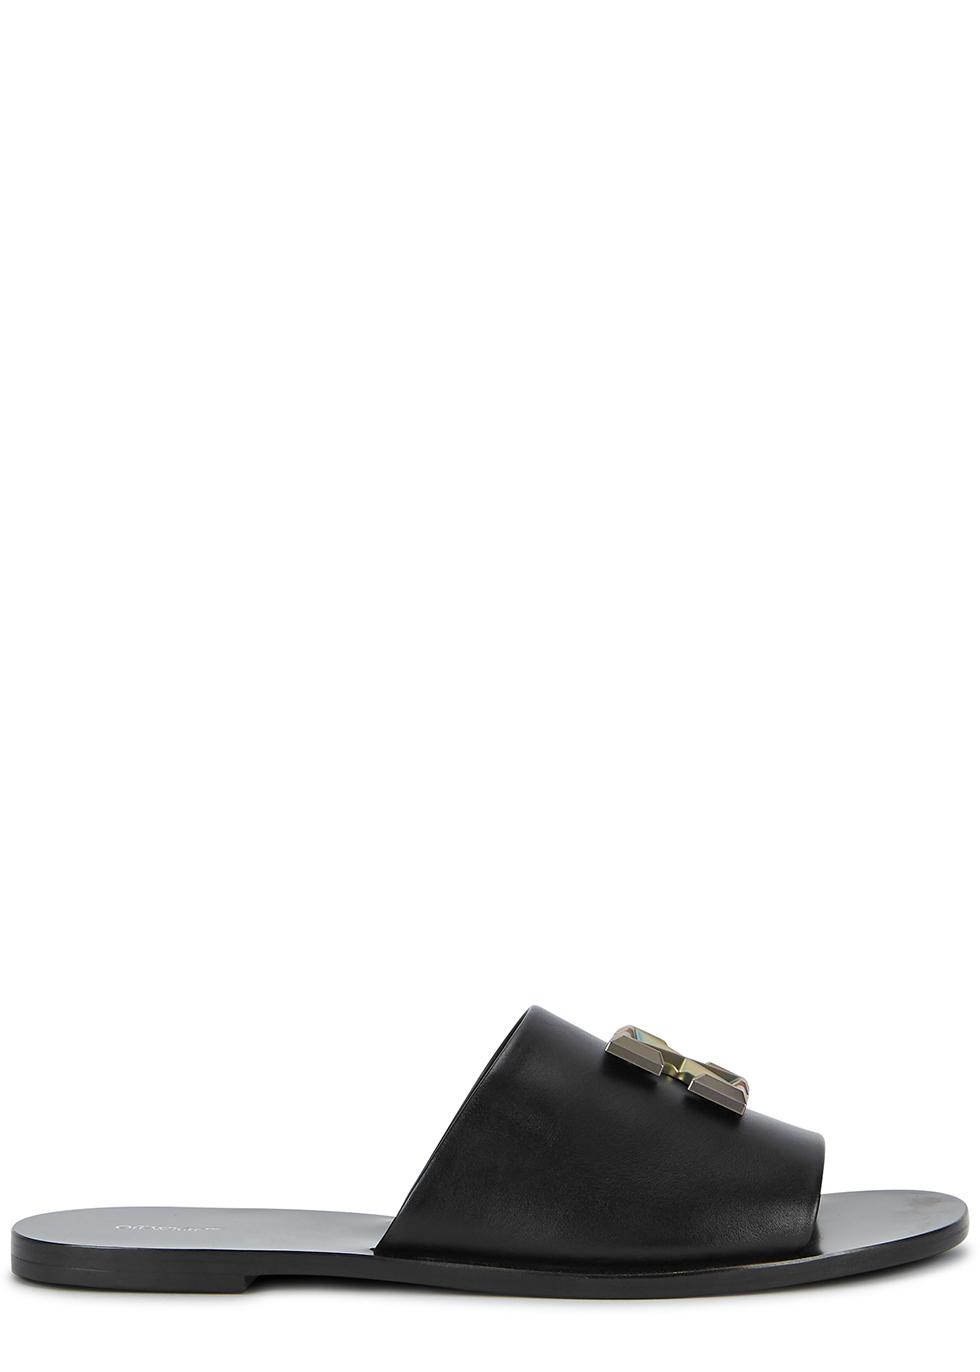 Arrows black leather sliders